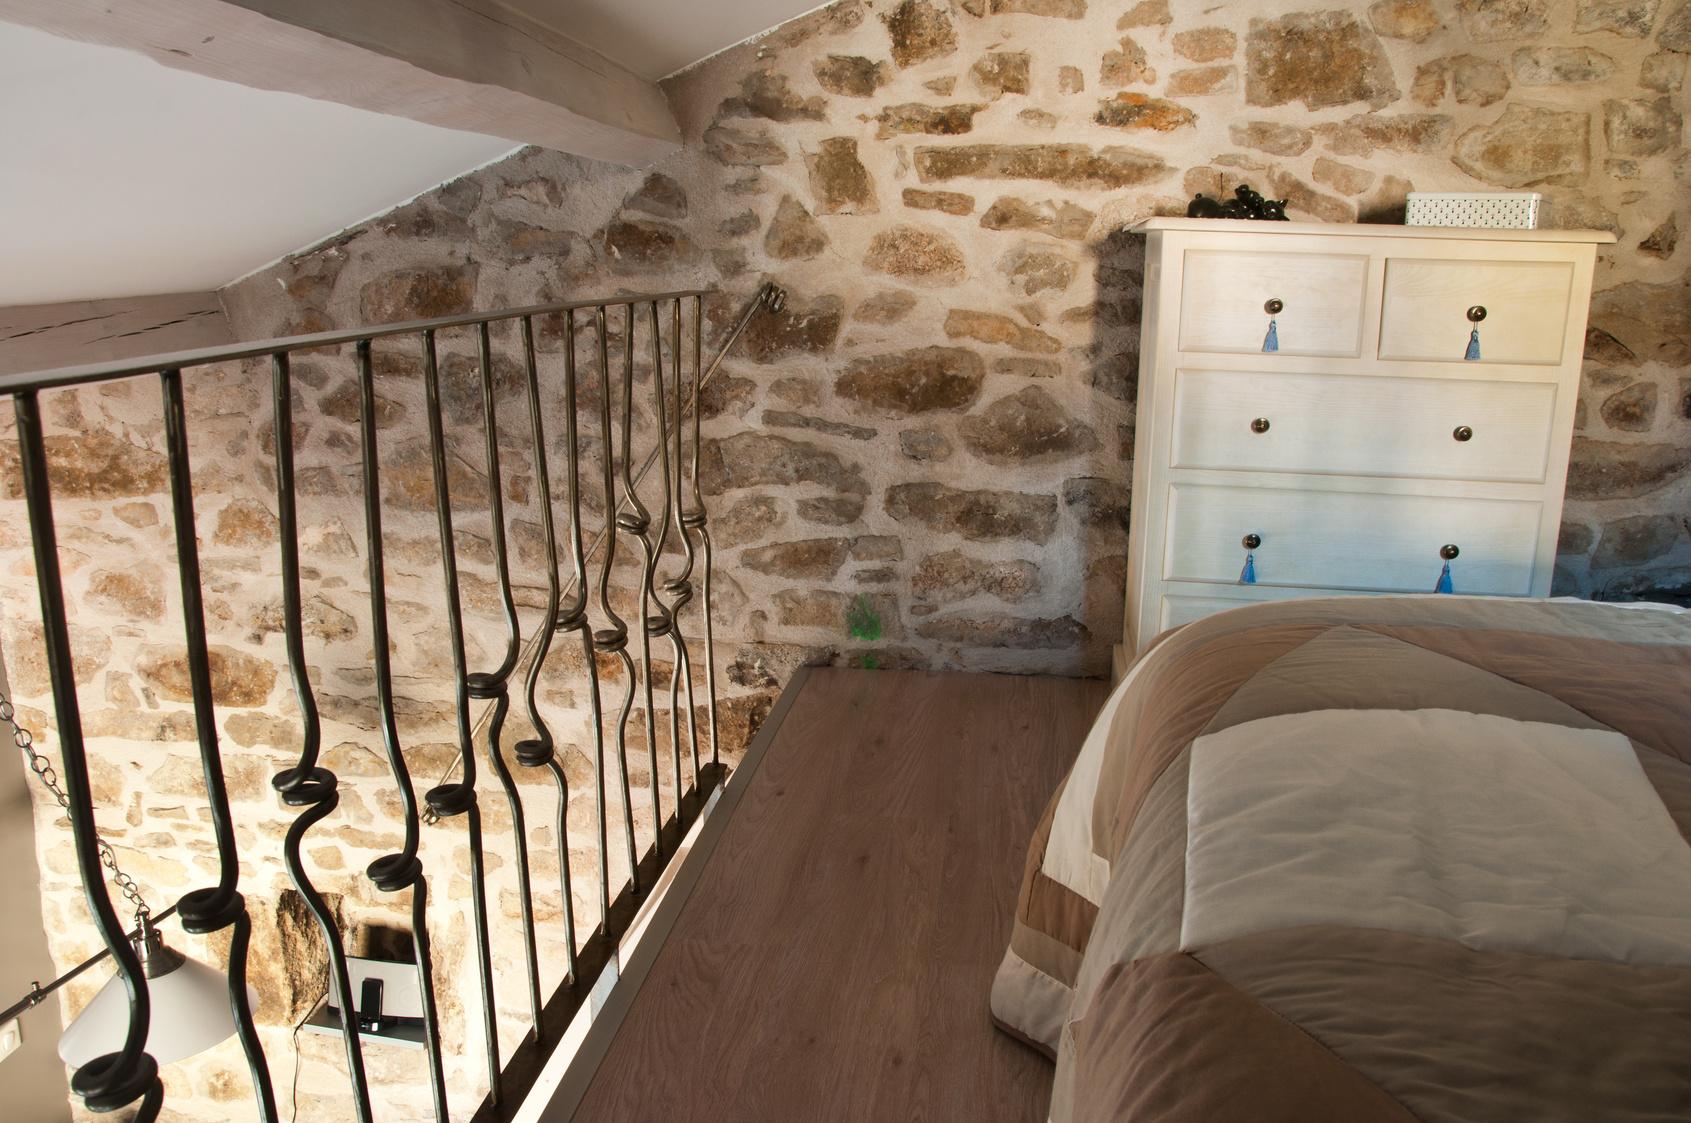 comment agrandir sa maison comment agrandir sa cout d une extension de maison 5 se rendre en. Black Bedroom Furniture Sets. Home Design Ideas